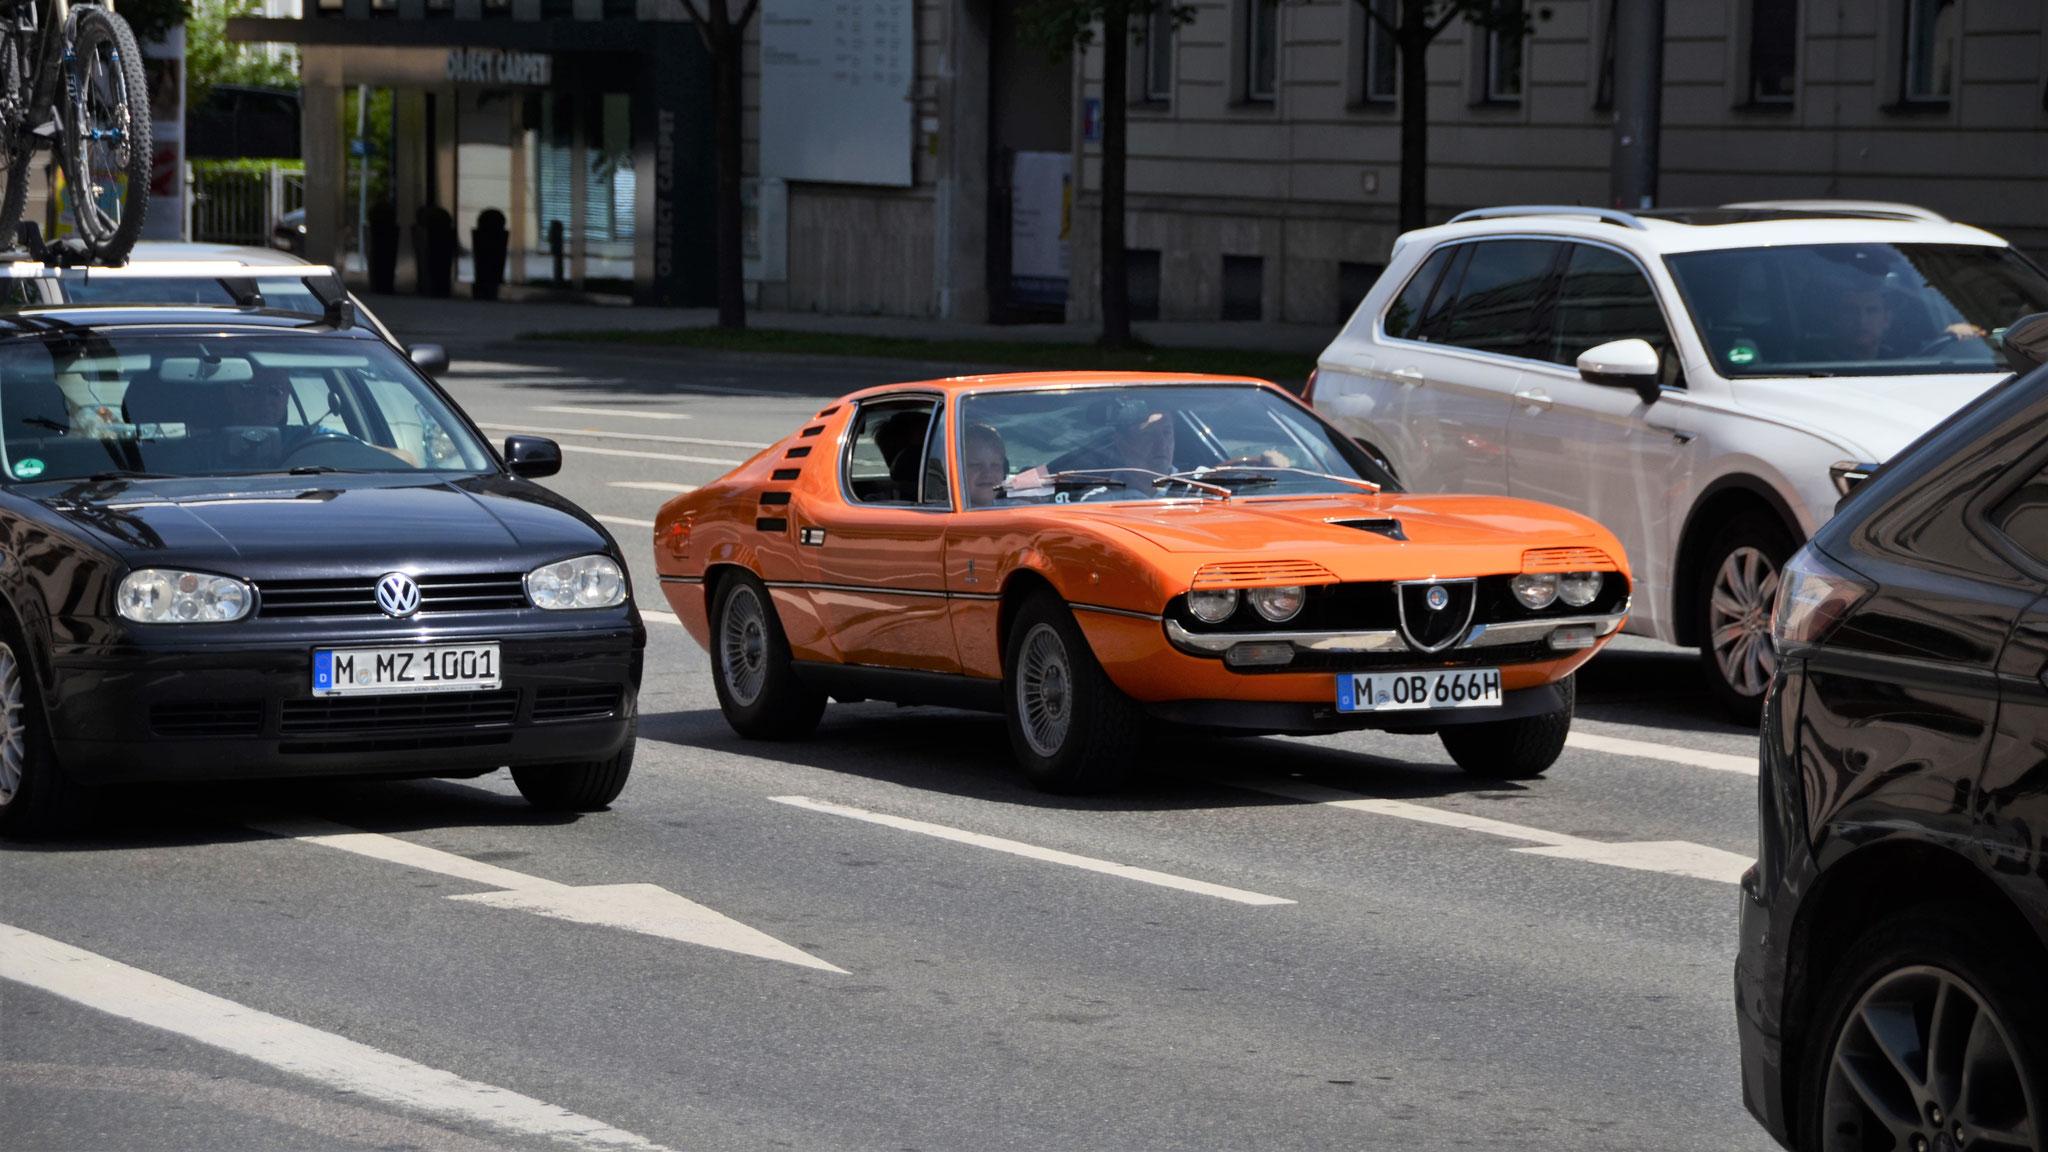 Alfa Romeo Montreal Bertone - M-OB-666H